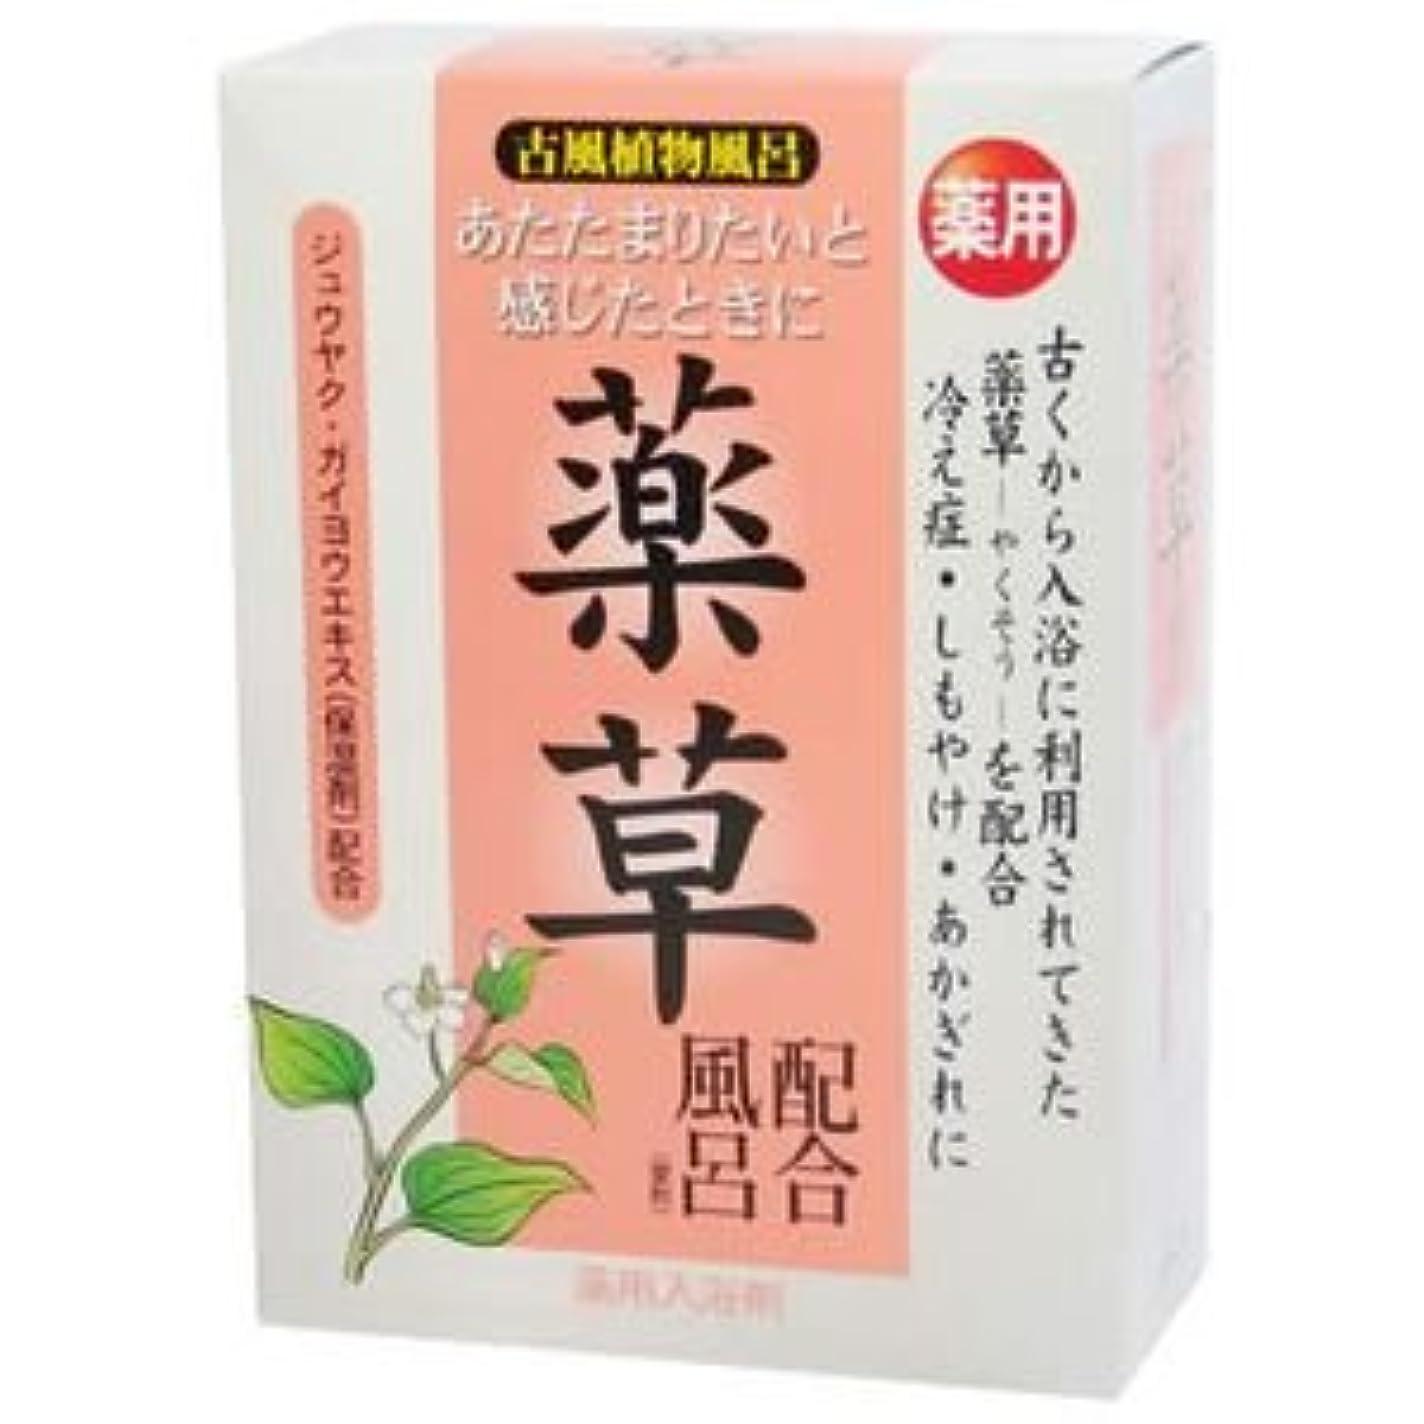 除外する最小素晴らしいです古風植物風呂 薬草配合風呂 25g*5包